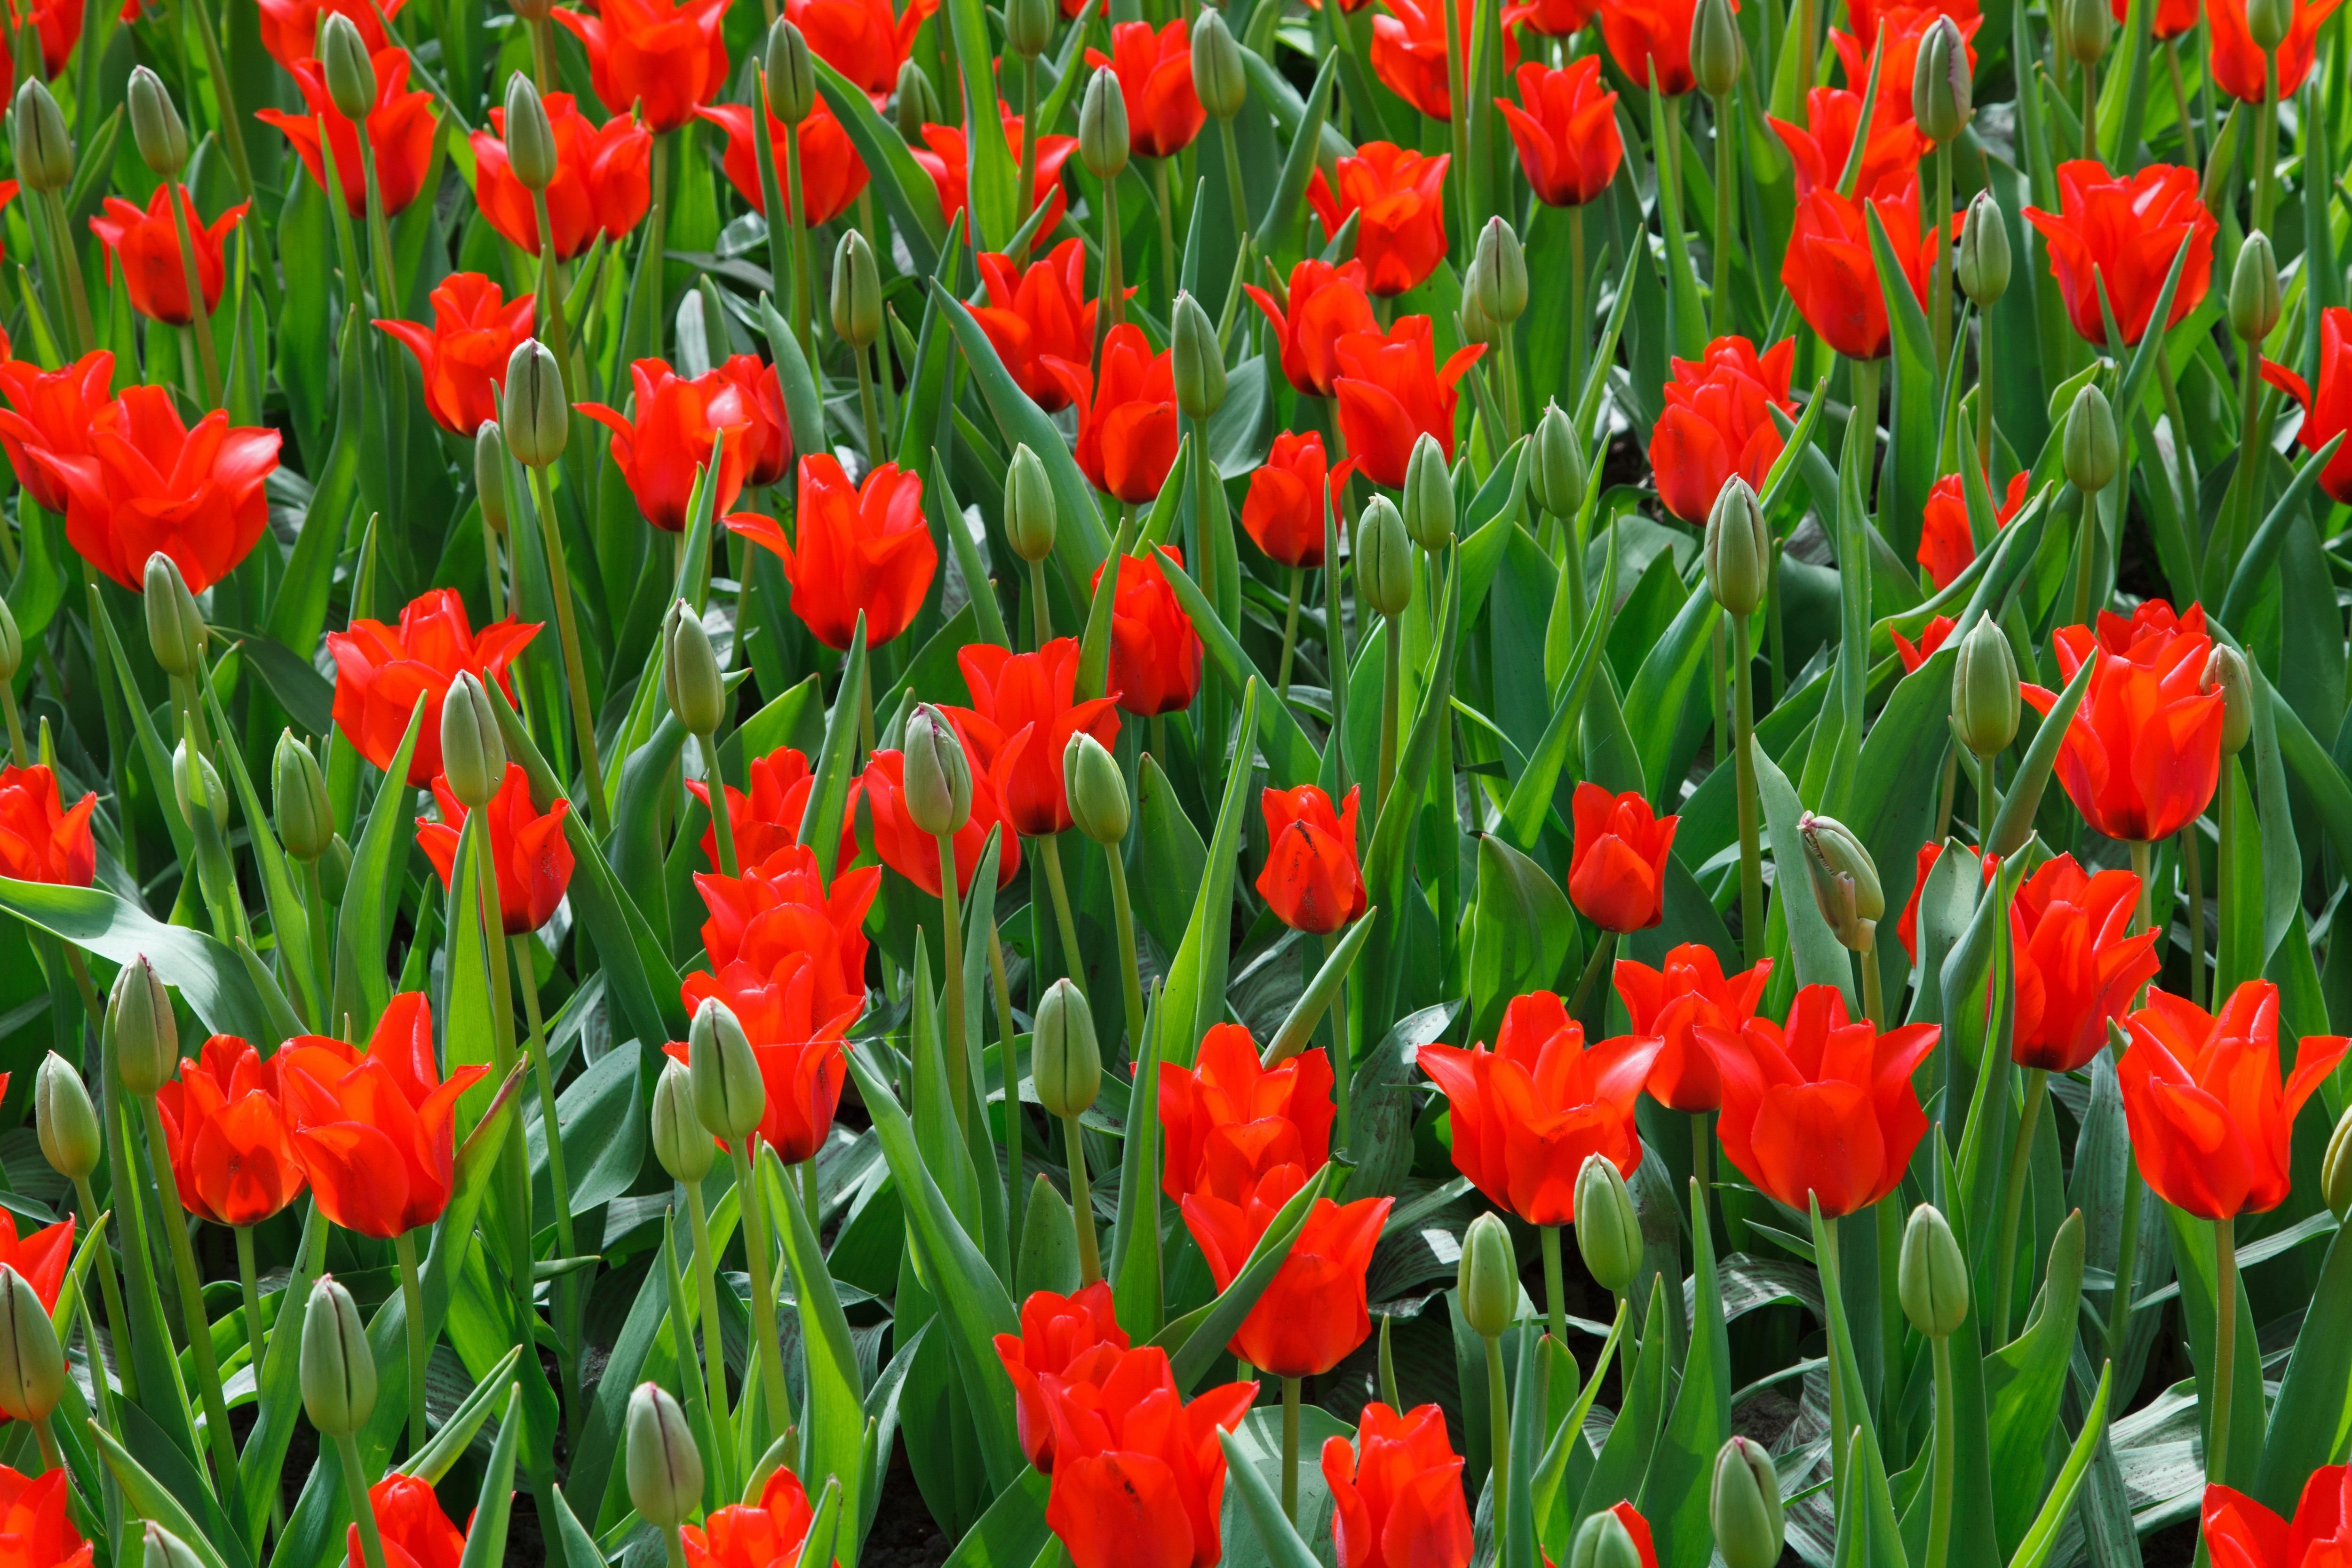 стандартный картинки с красными тюльпанами слова